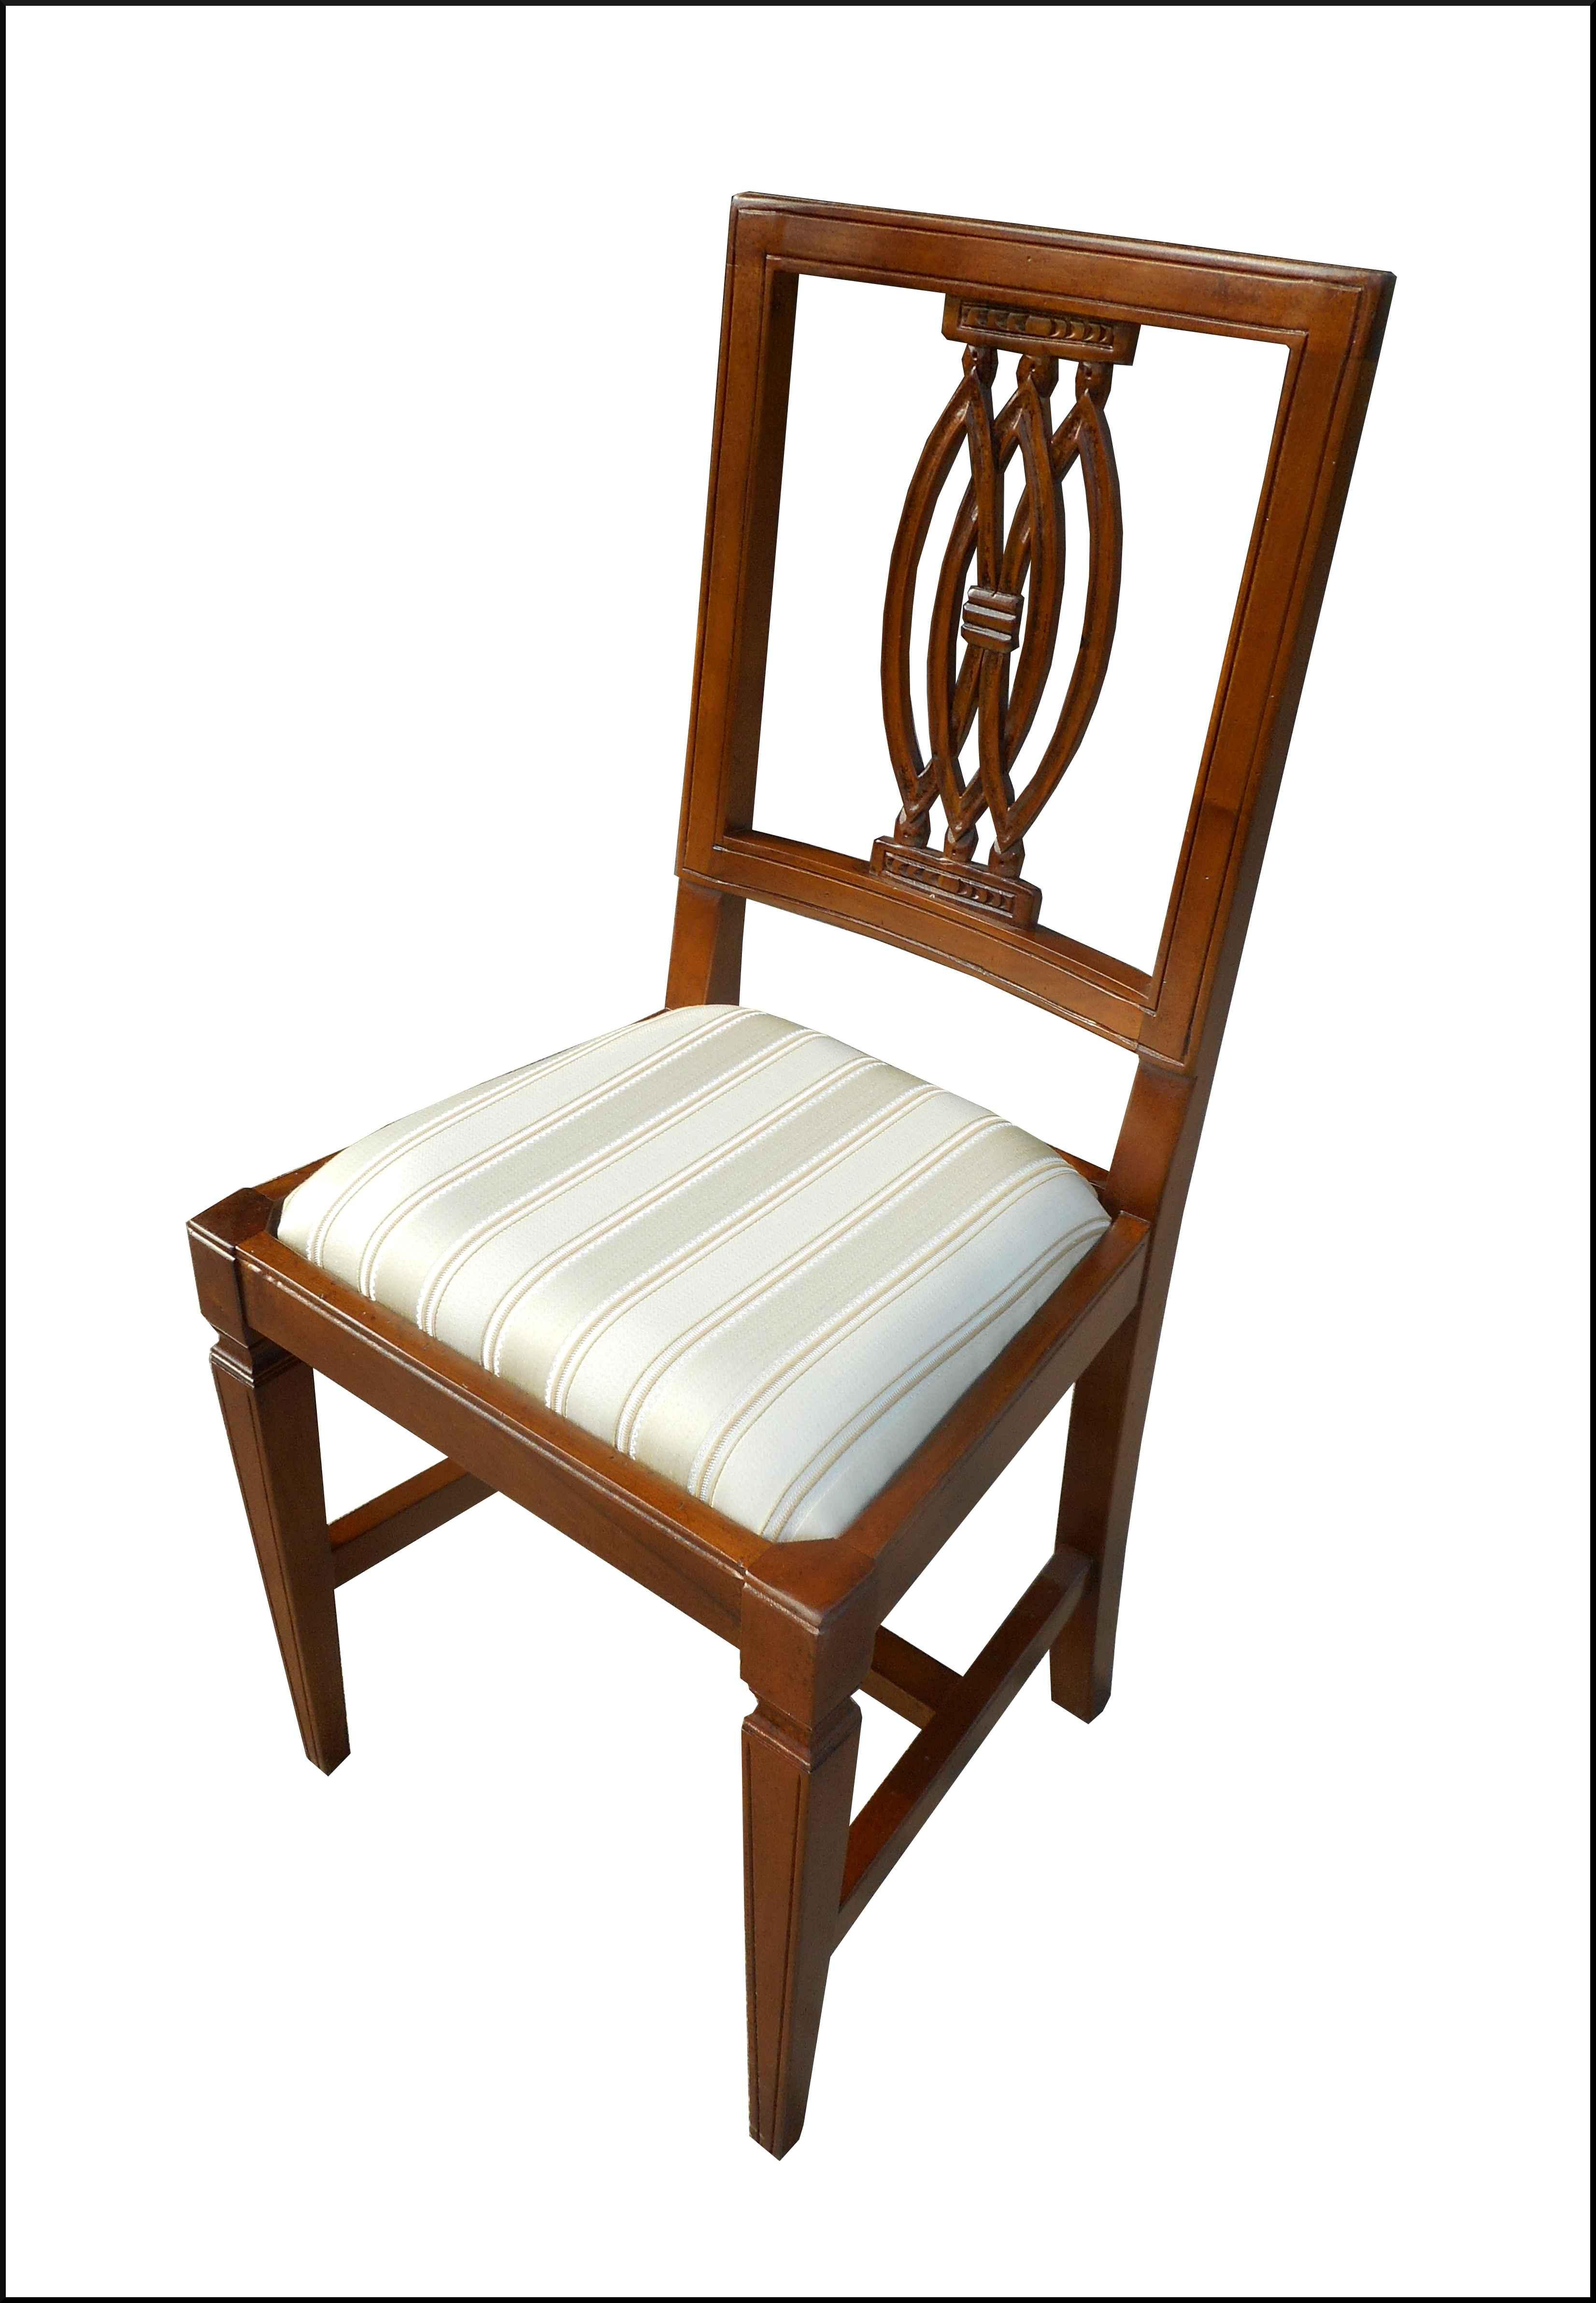 Sedia classica con seduta in stoffa